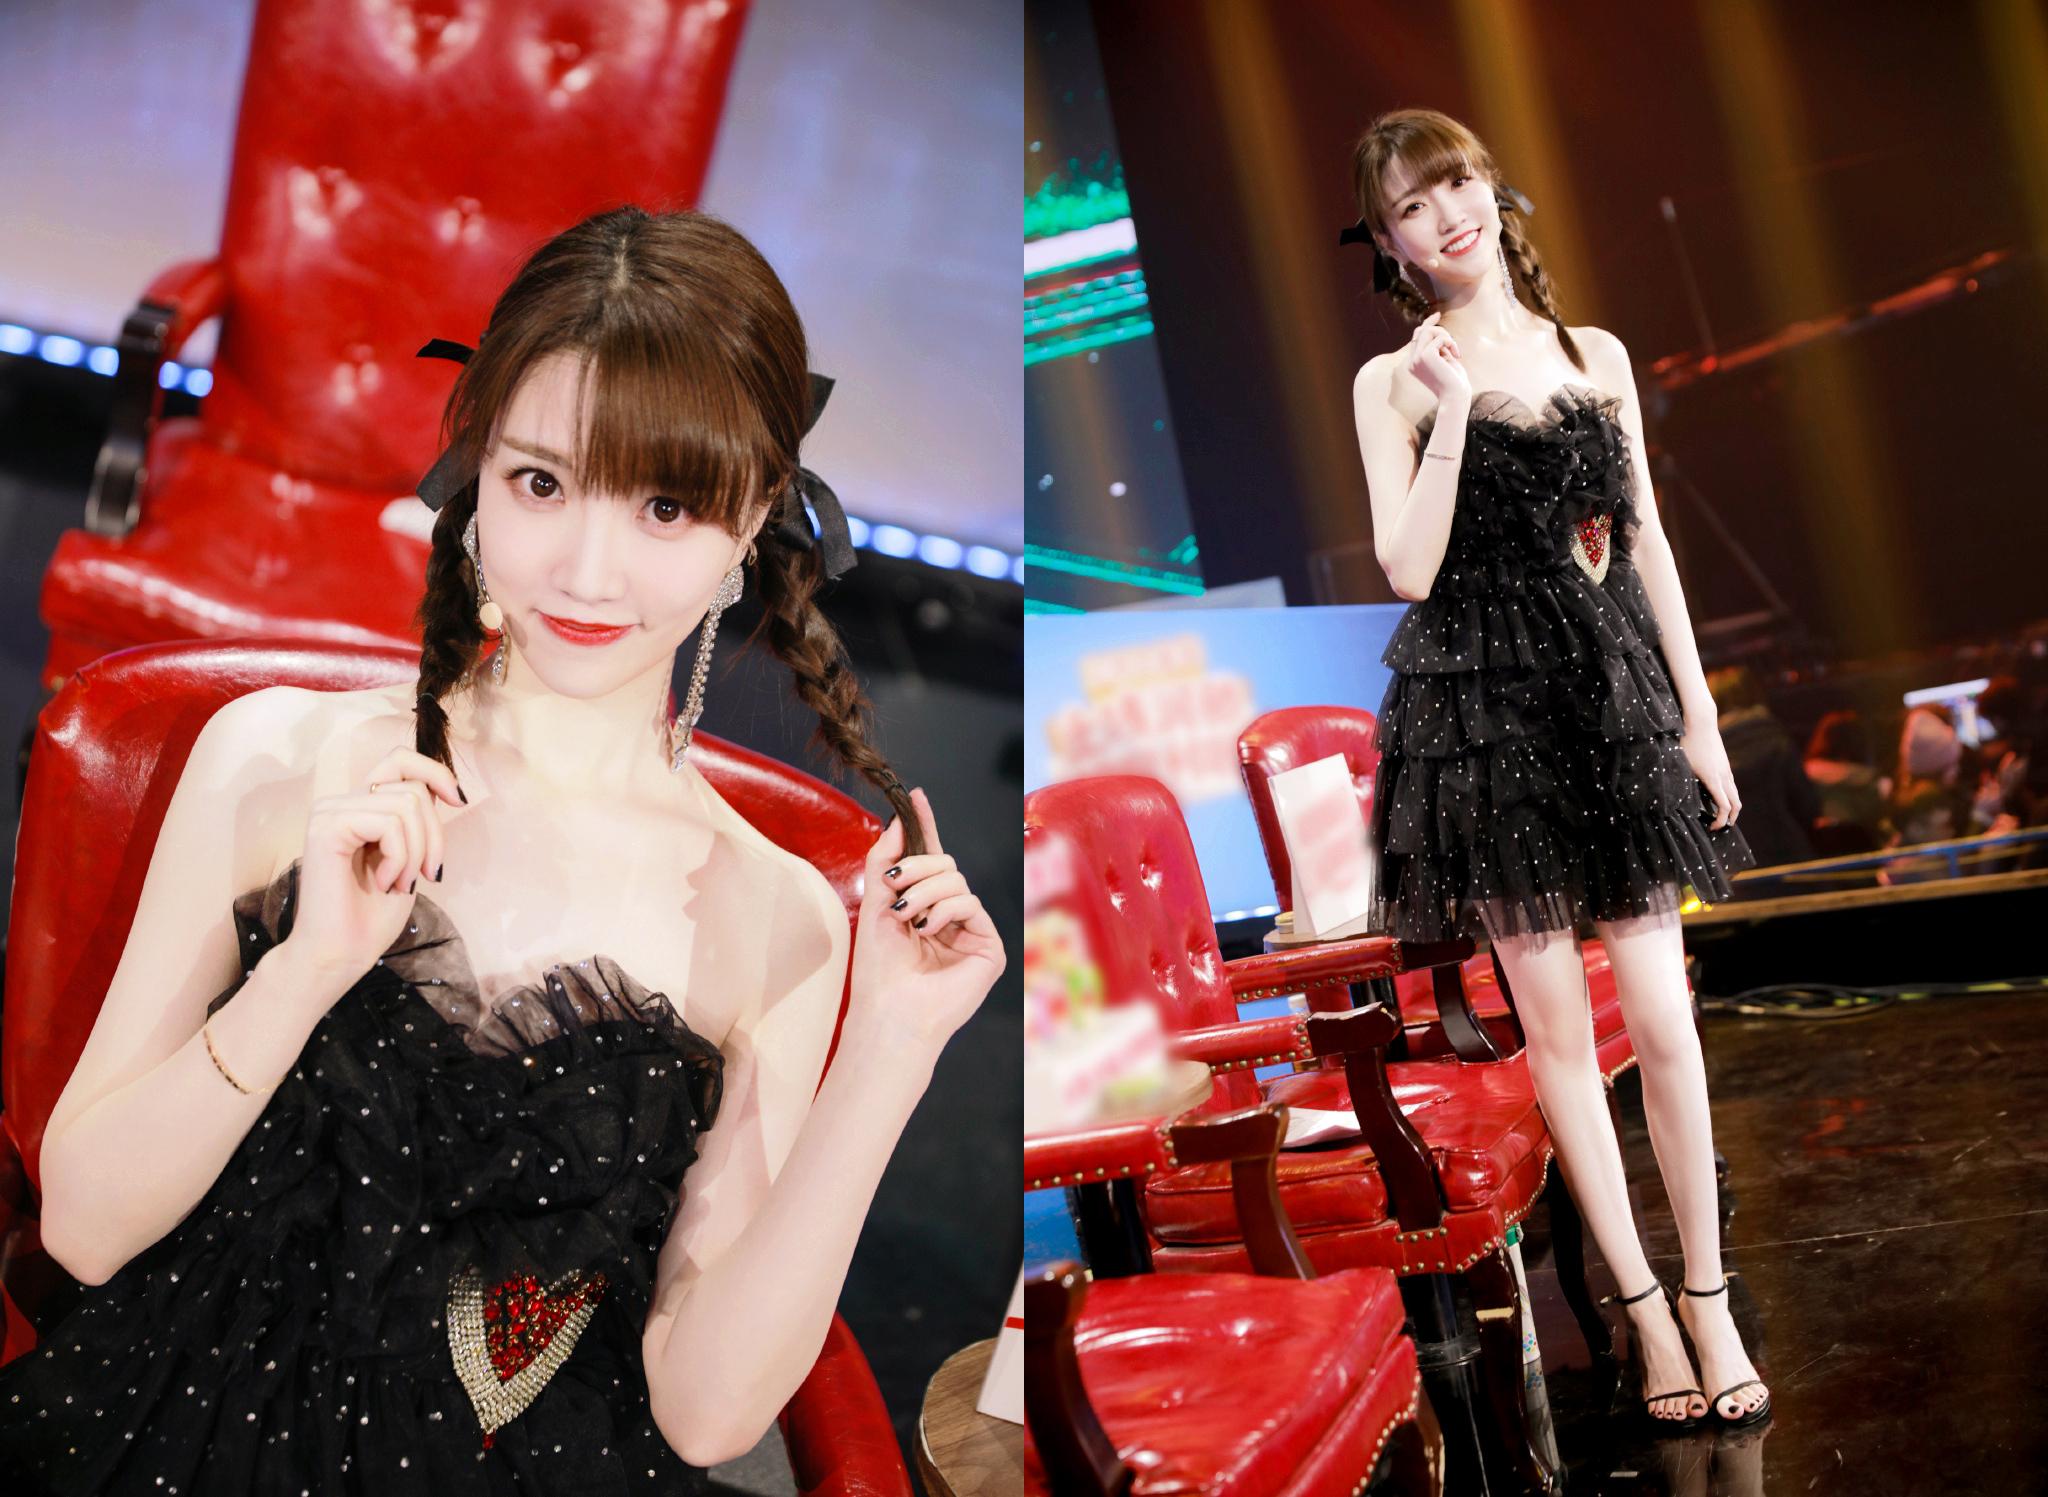 张纯烨,主持界的美腿姐姐,多变的舞台风格造型既甜美又明艳